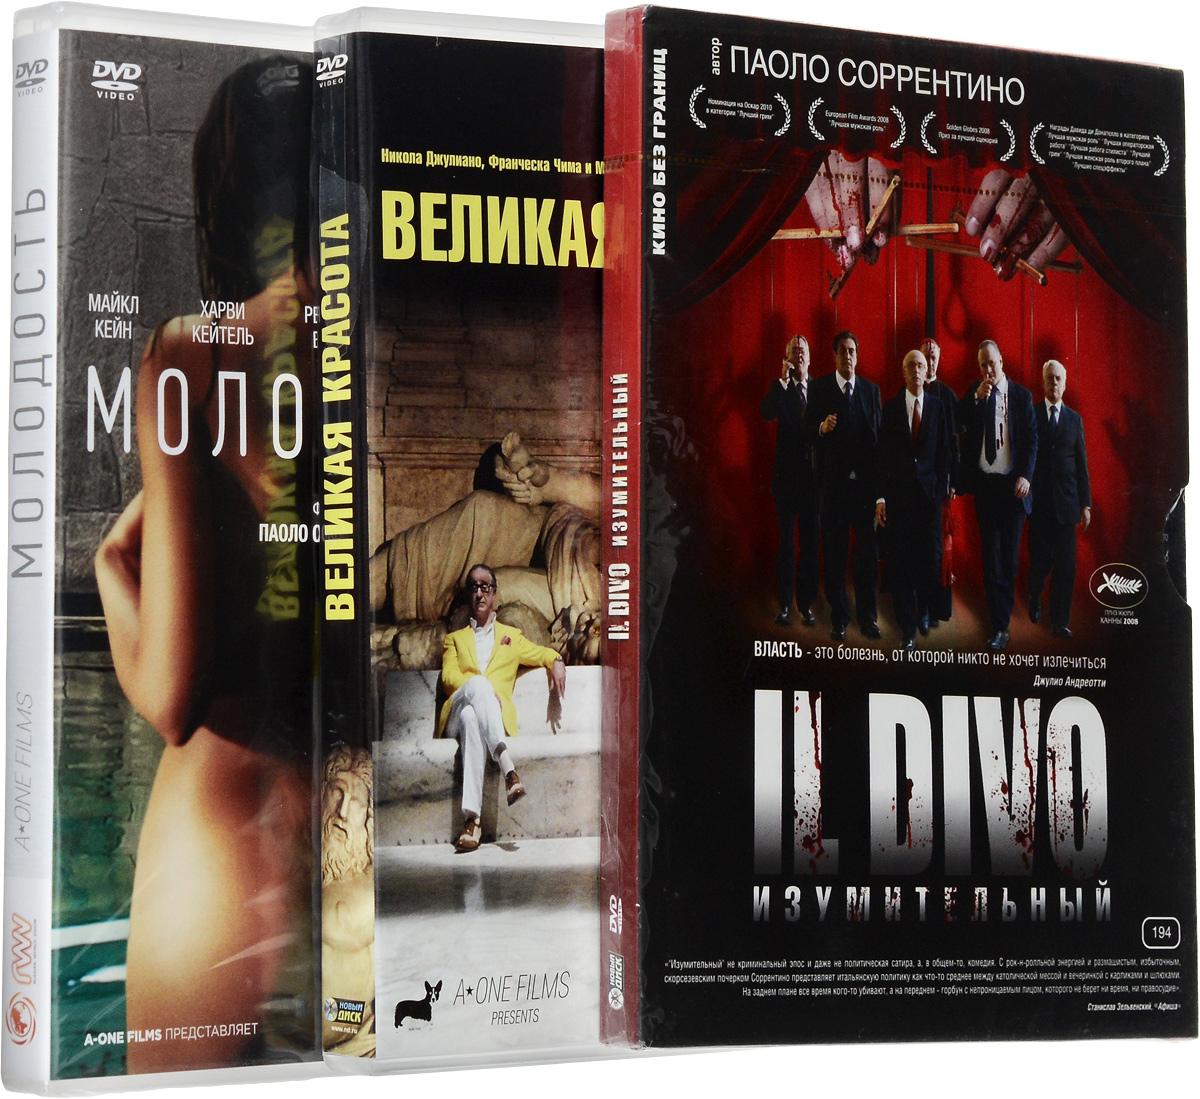 Молодость / Изумительный / Великая красота (3 DVD)